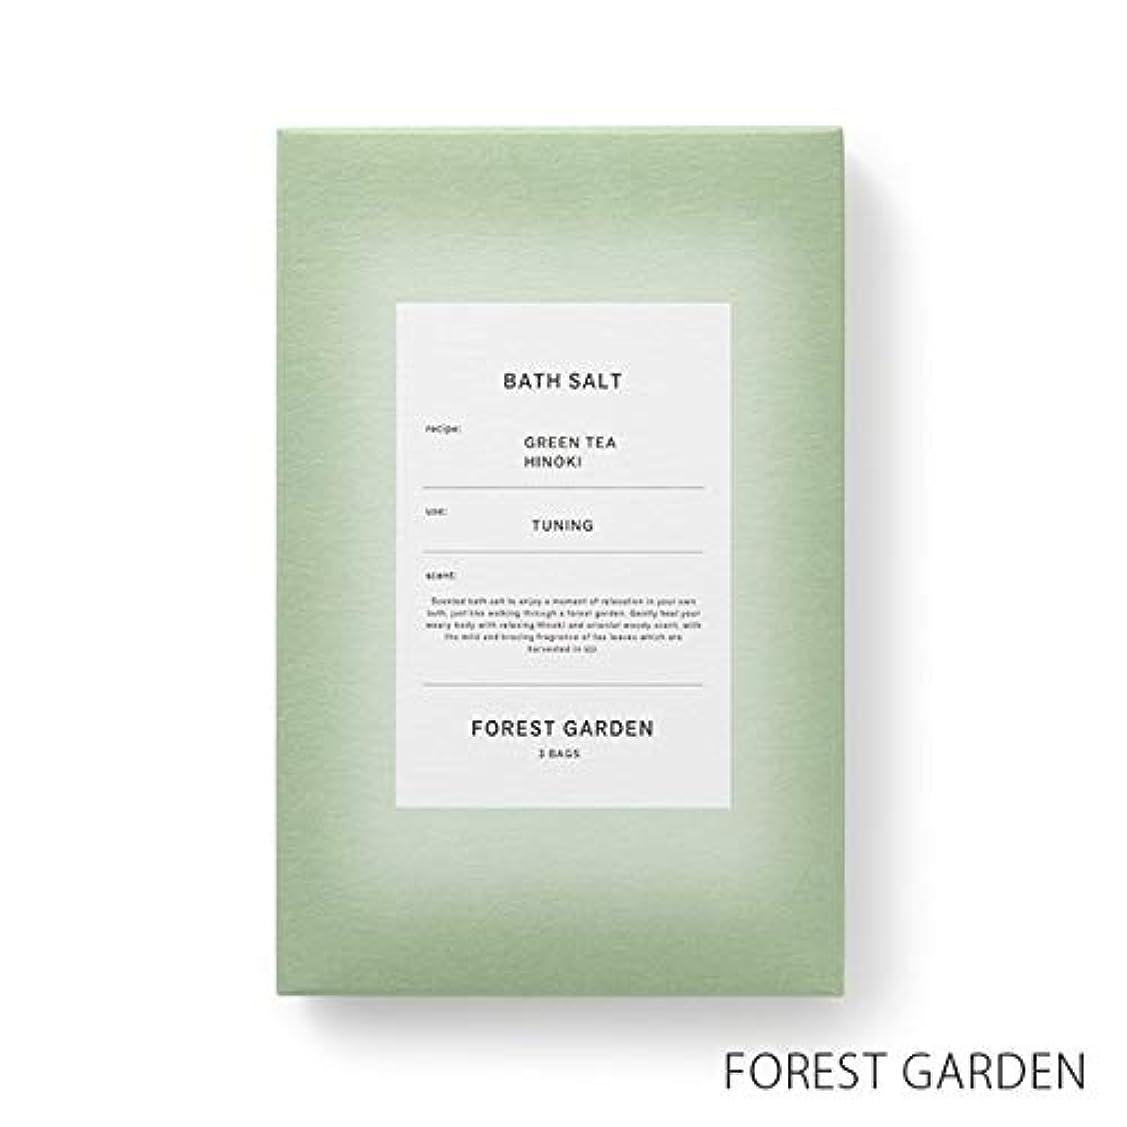 光のカウンターパート公【薫玉堂】 バスソルト FOREST GARDEN 森の庭 緑 和 宇治茶の香り